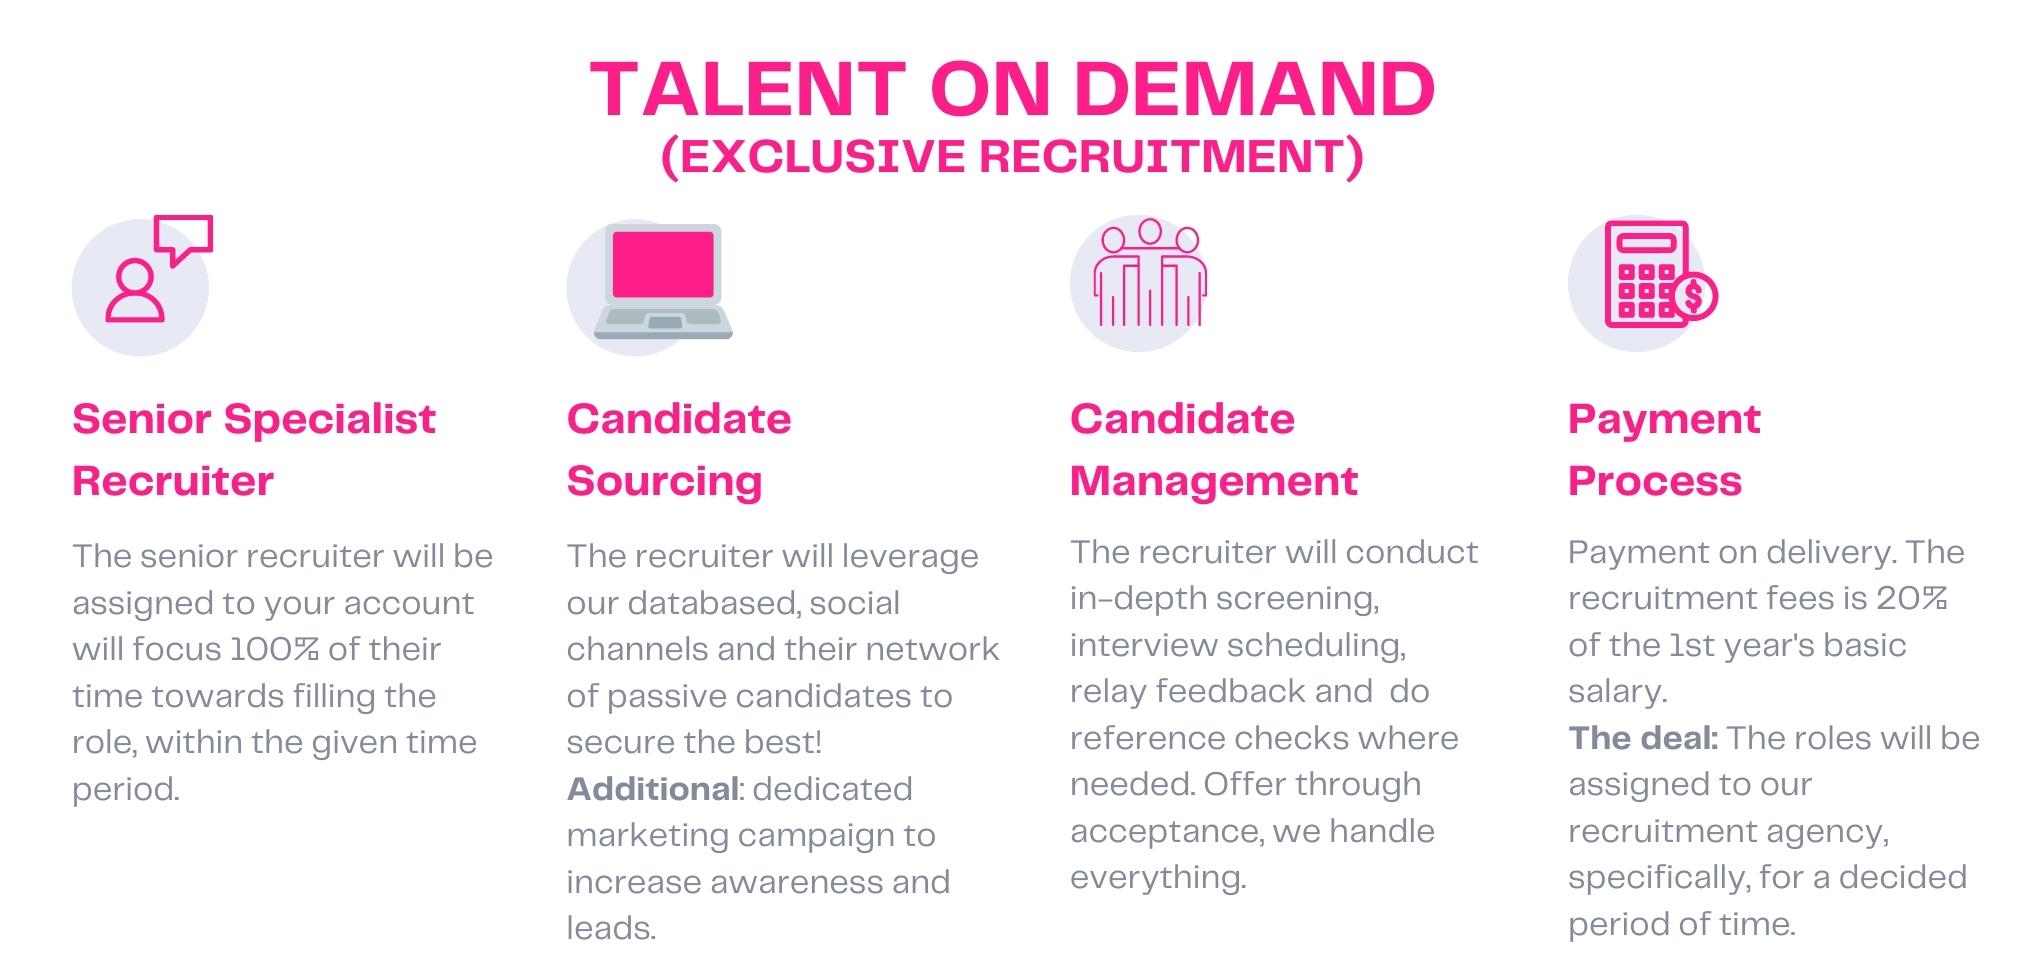 talent on demand